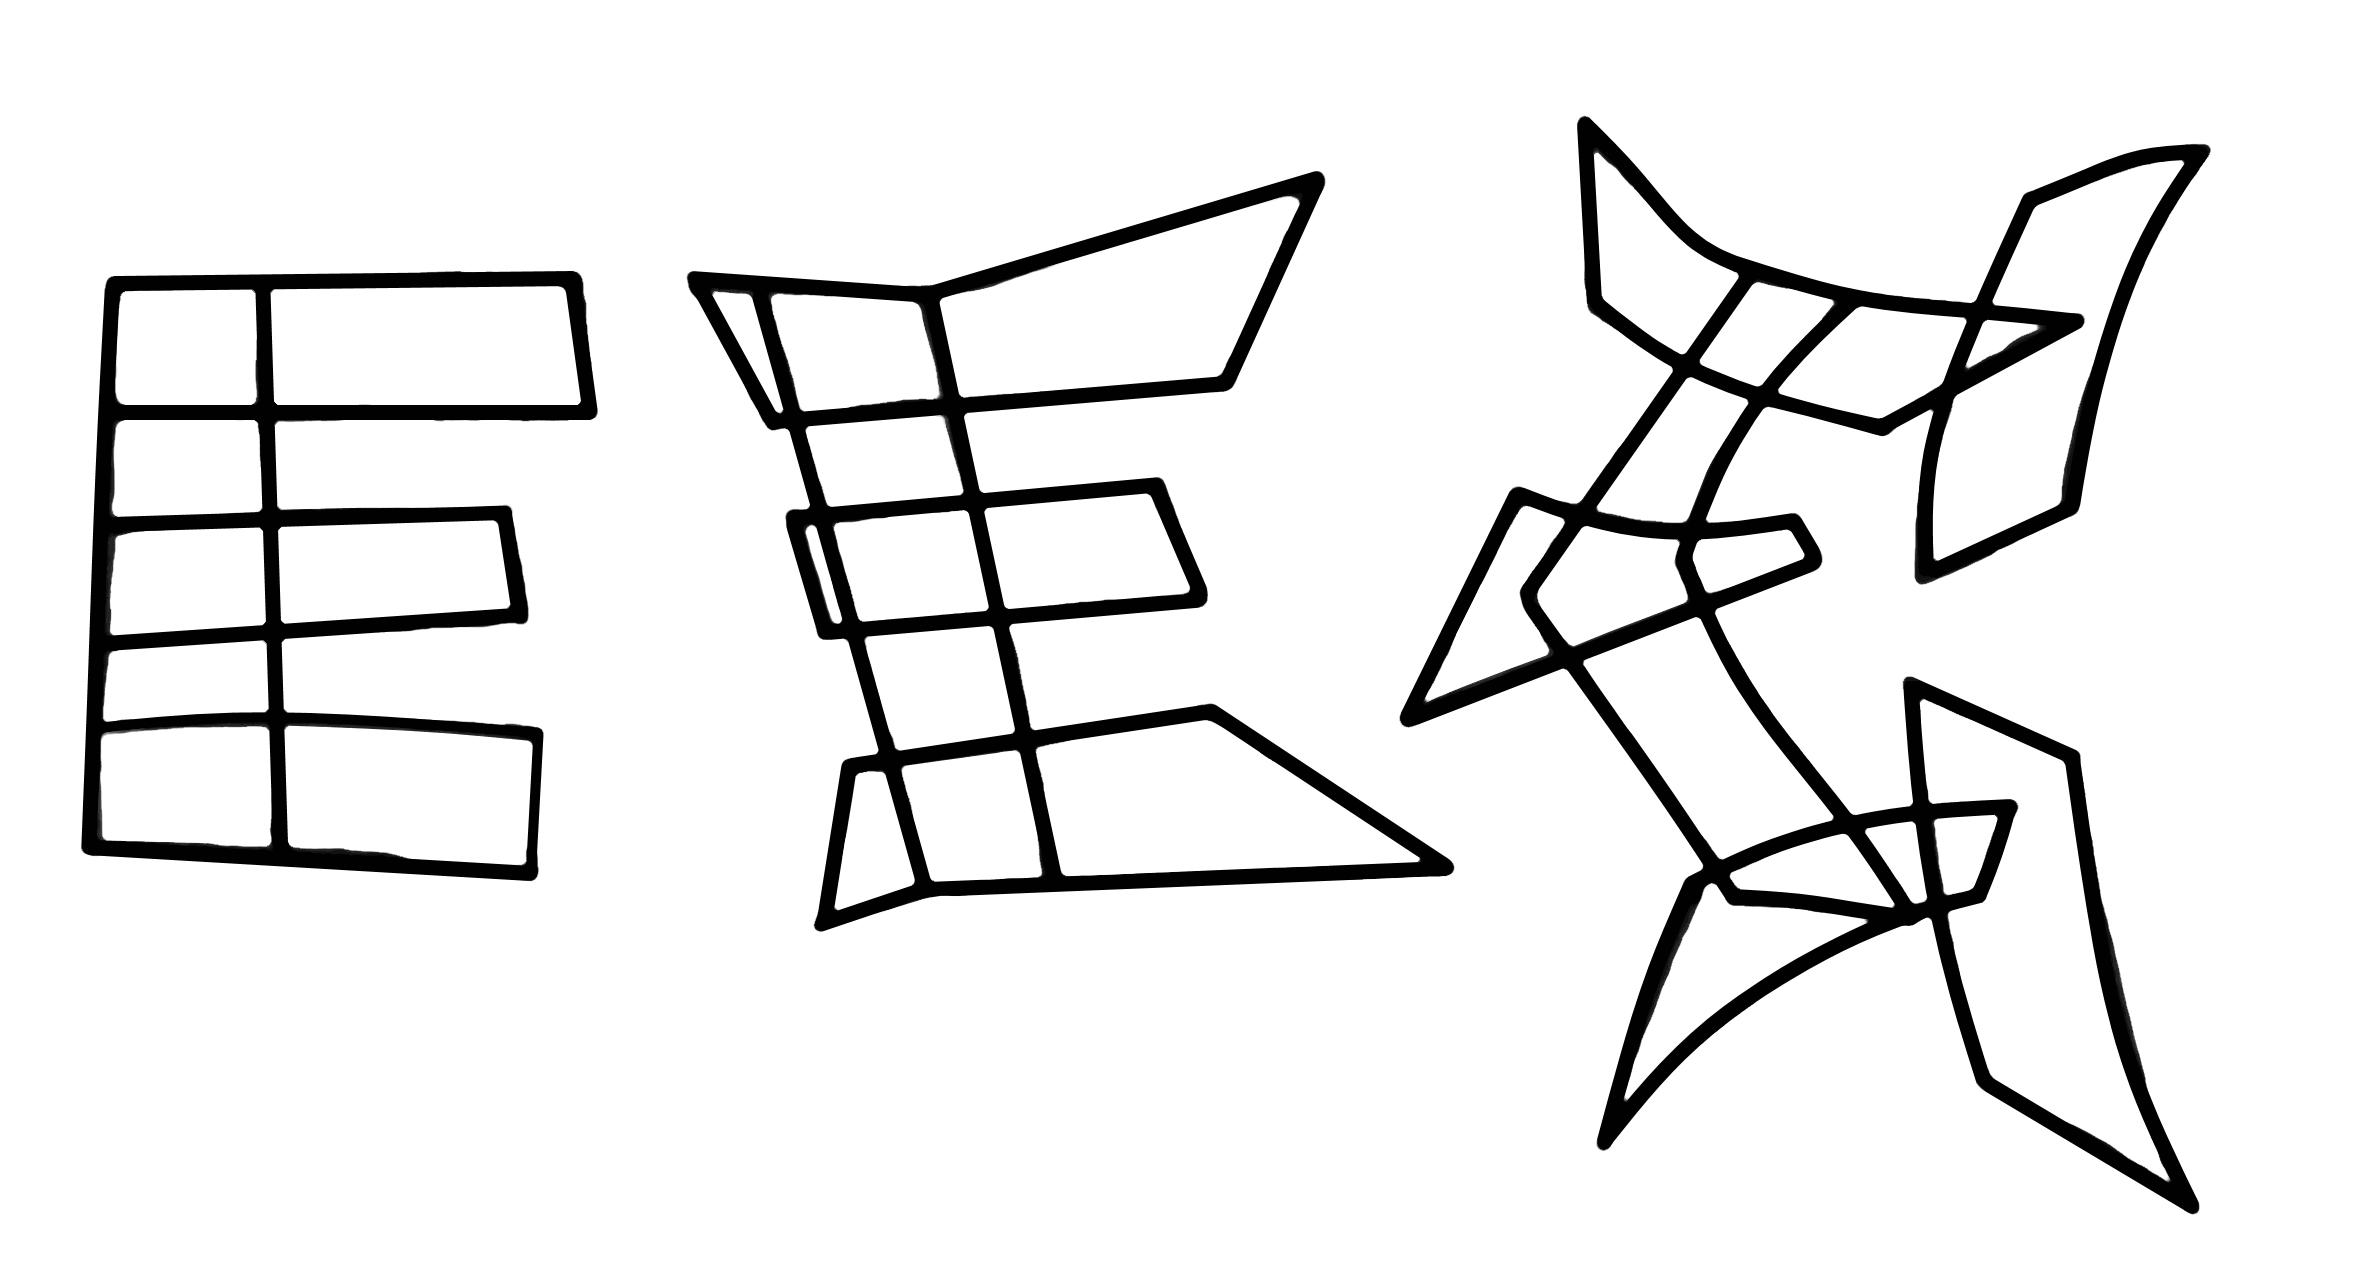 Graffiti Schrift | Graffiti Lernen | Graffiti Buchstaben verwandt mit Graffiti Alphabet Lernen